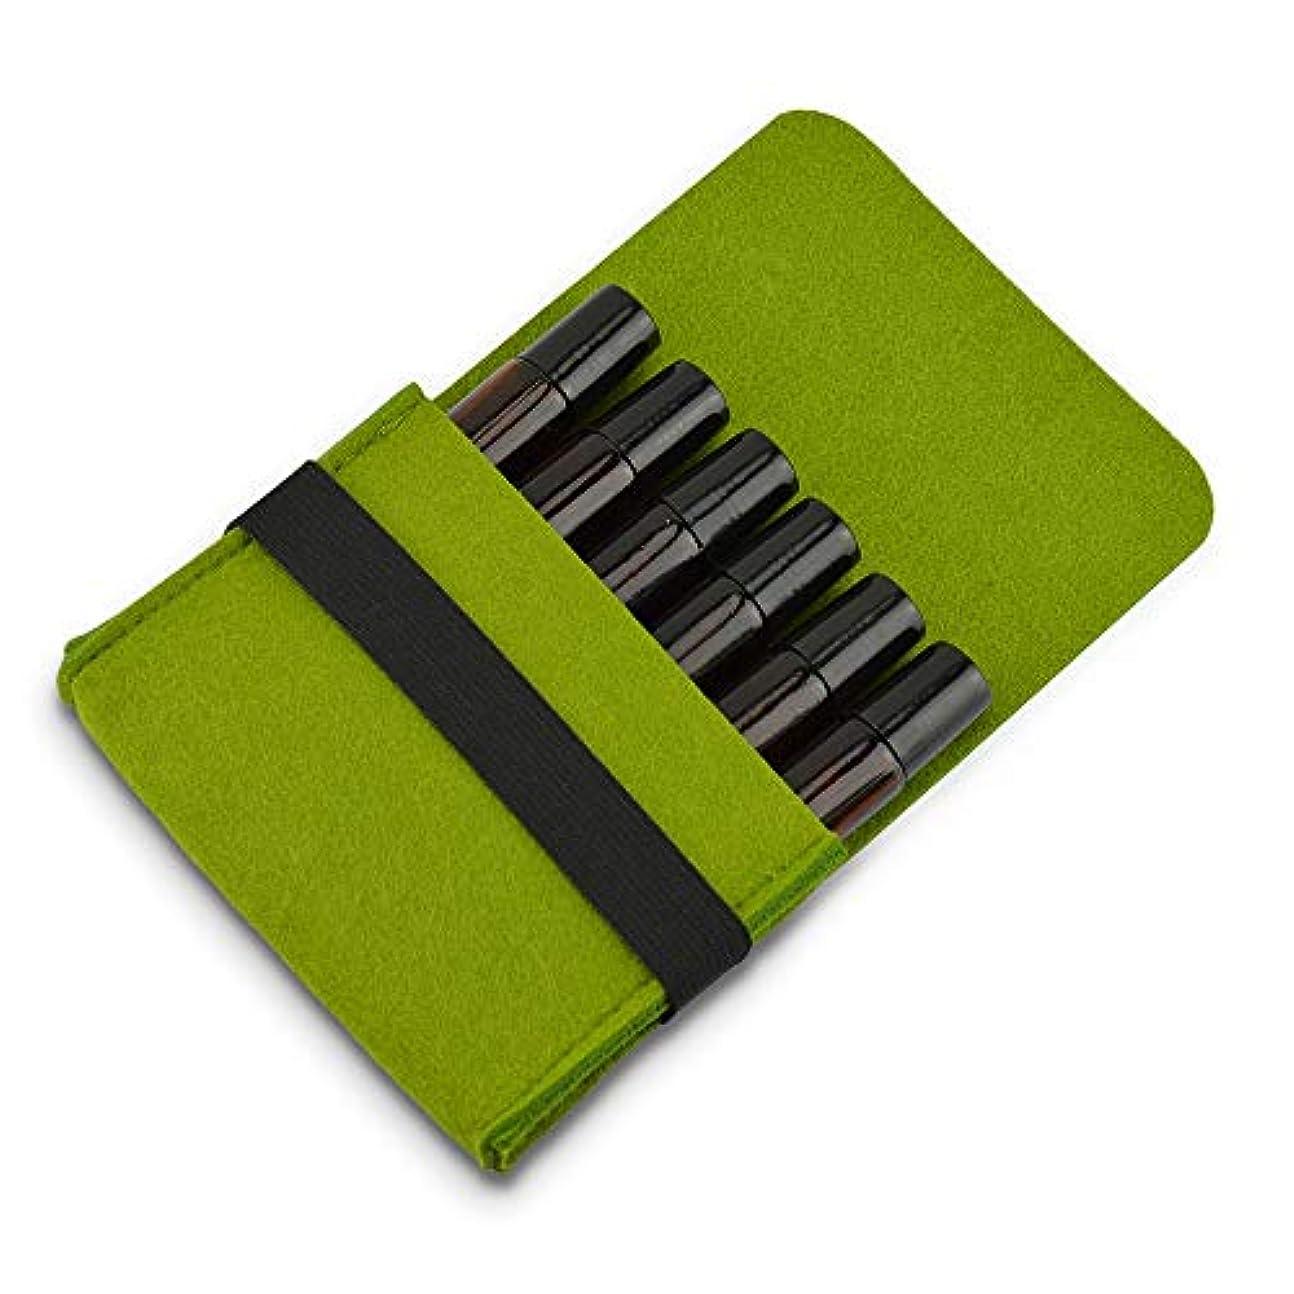 変形扇動するビルマ精油ケース トラベルオーガナイザーストレージポーチ収納袋3色のフェルト6つのボトル10MLエッセンシャルオイル用キャリングケースエッセンシャルオイル 携帯便利 (色 : 緑, サイズ : 13X10X3CM)